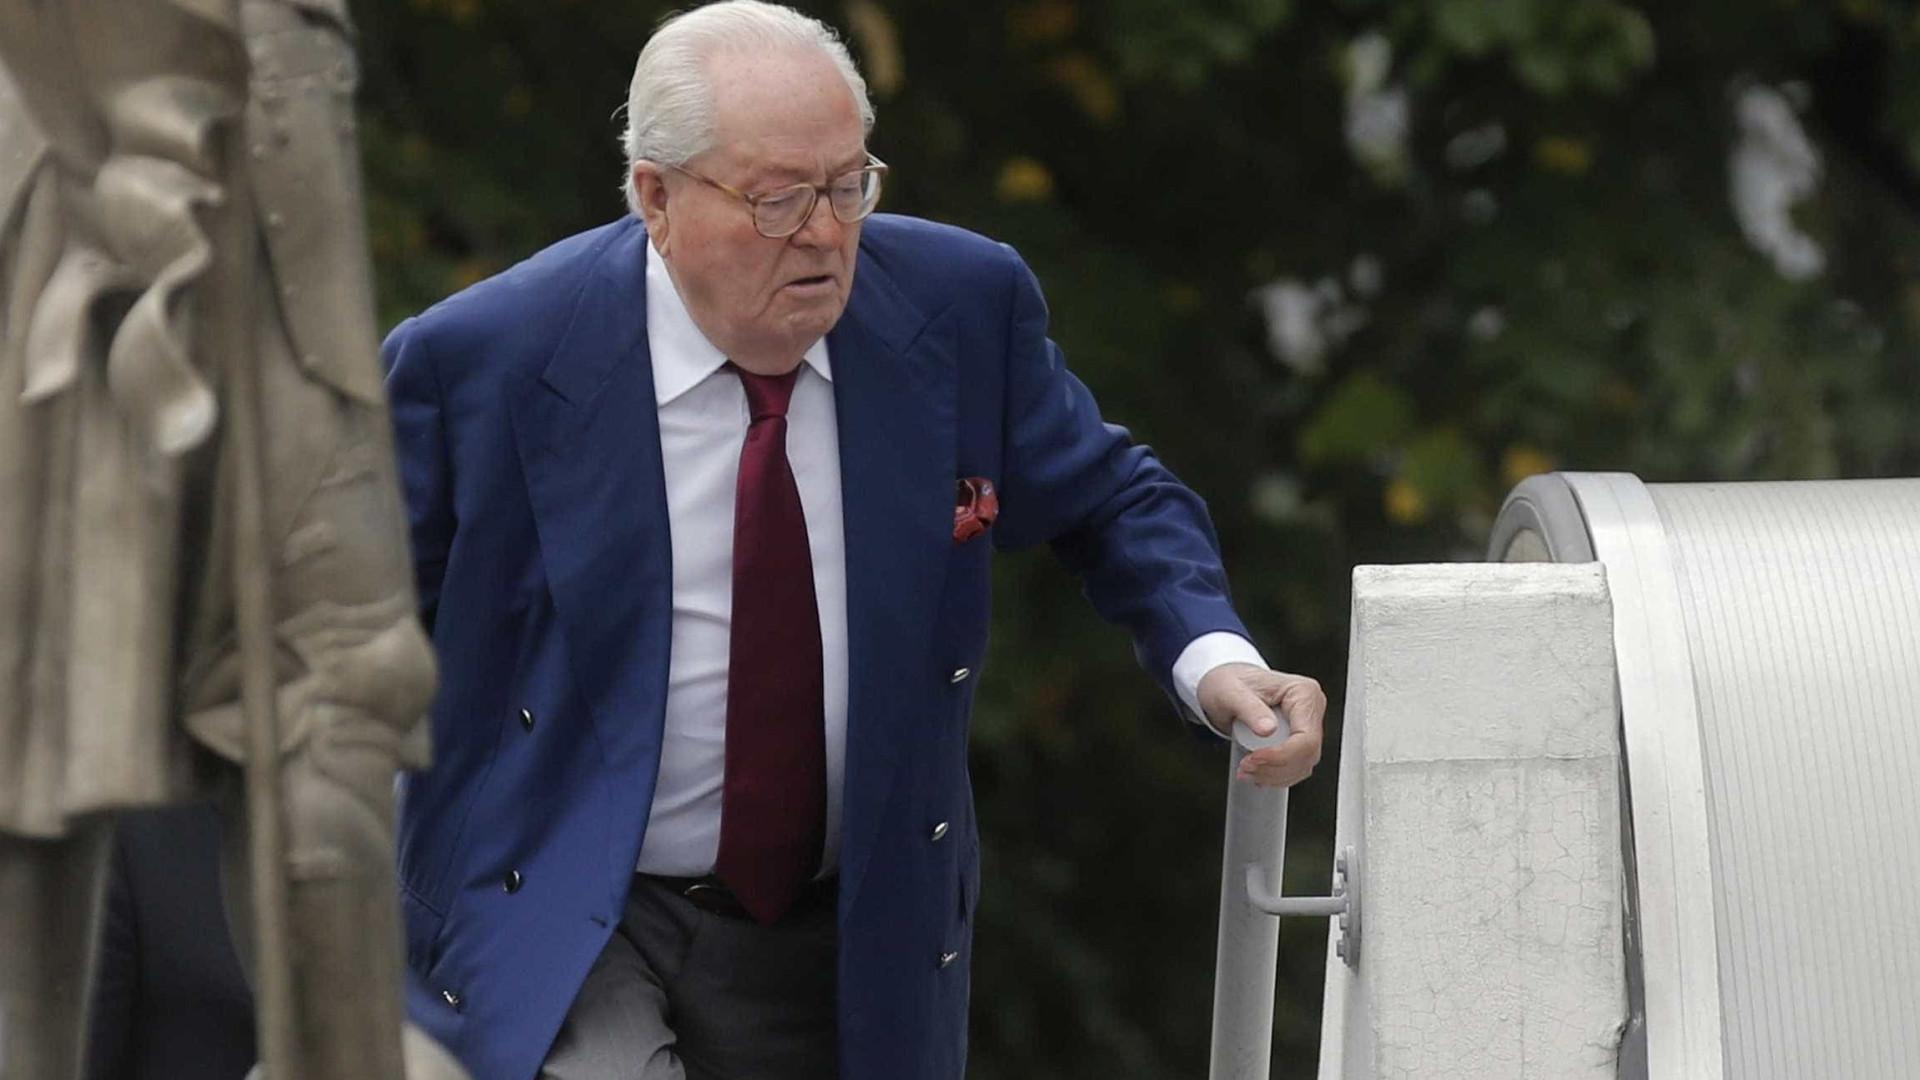 Hospitalizado, Jean-Marie Le Pen tem o seu julgamento adiado